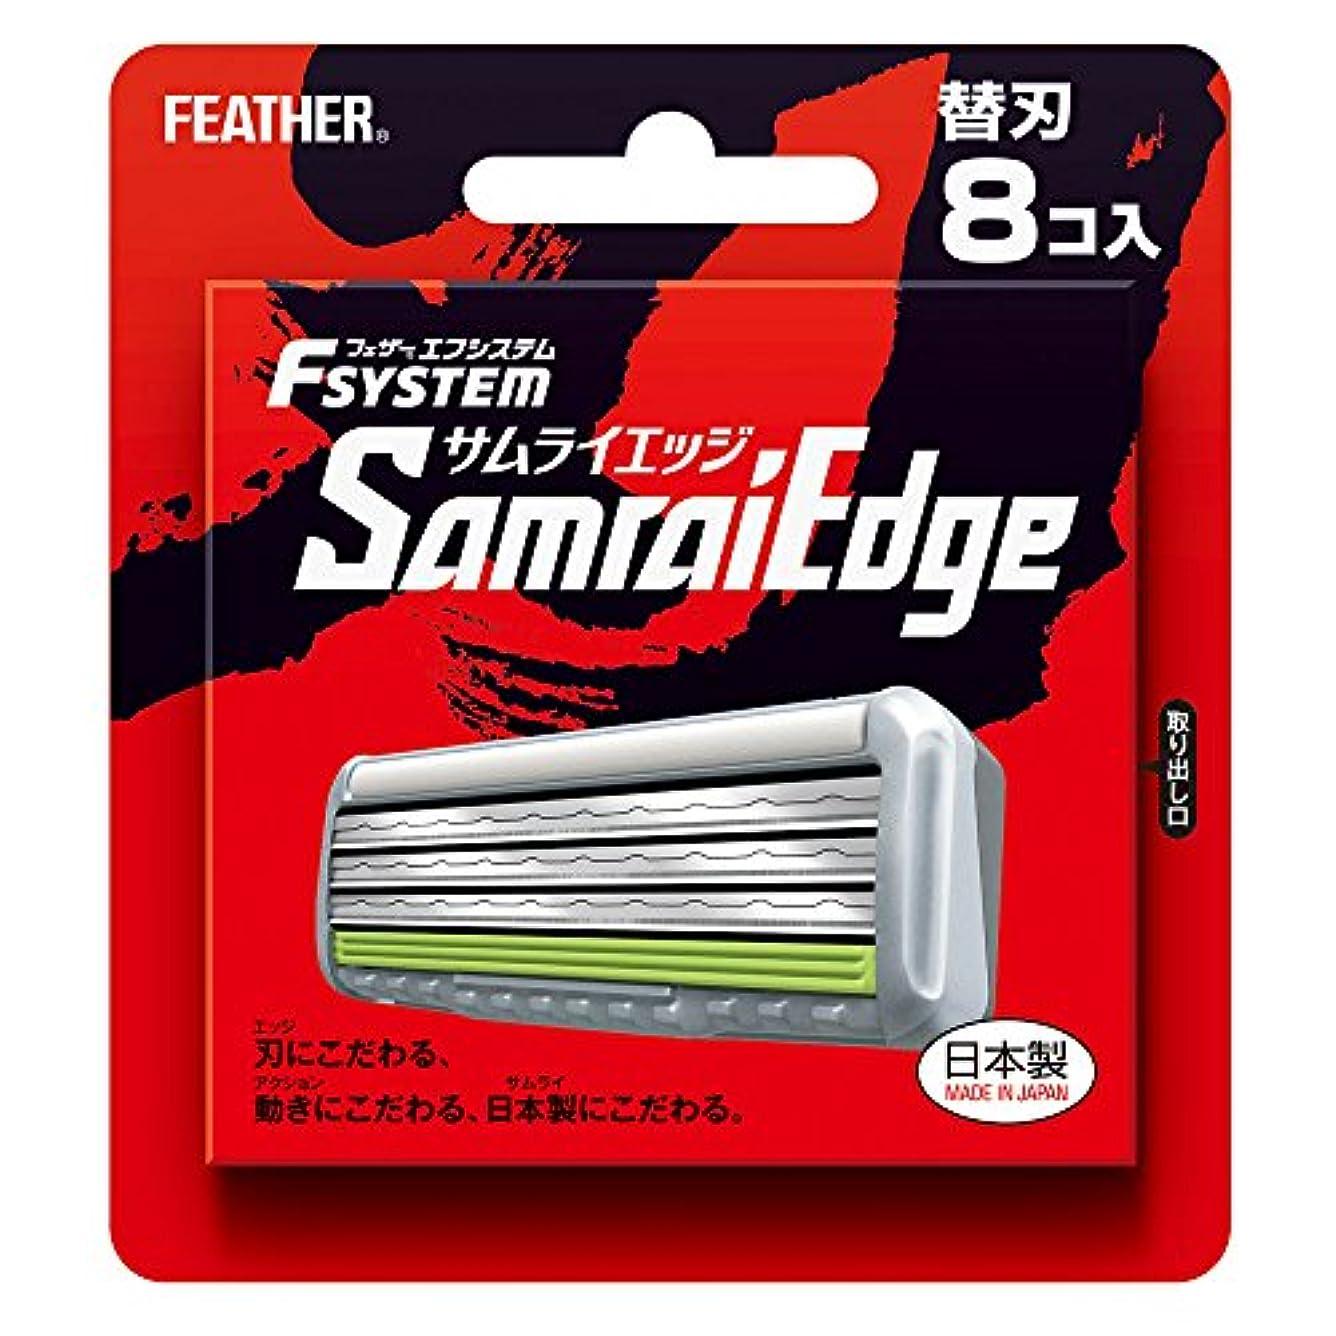 同志忘れっぽいバインドフェザー エフシステム 替刃 サムライエッジ 8コ入 (日本製)